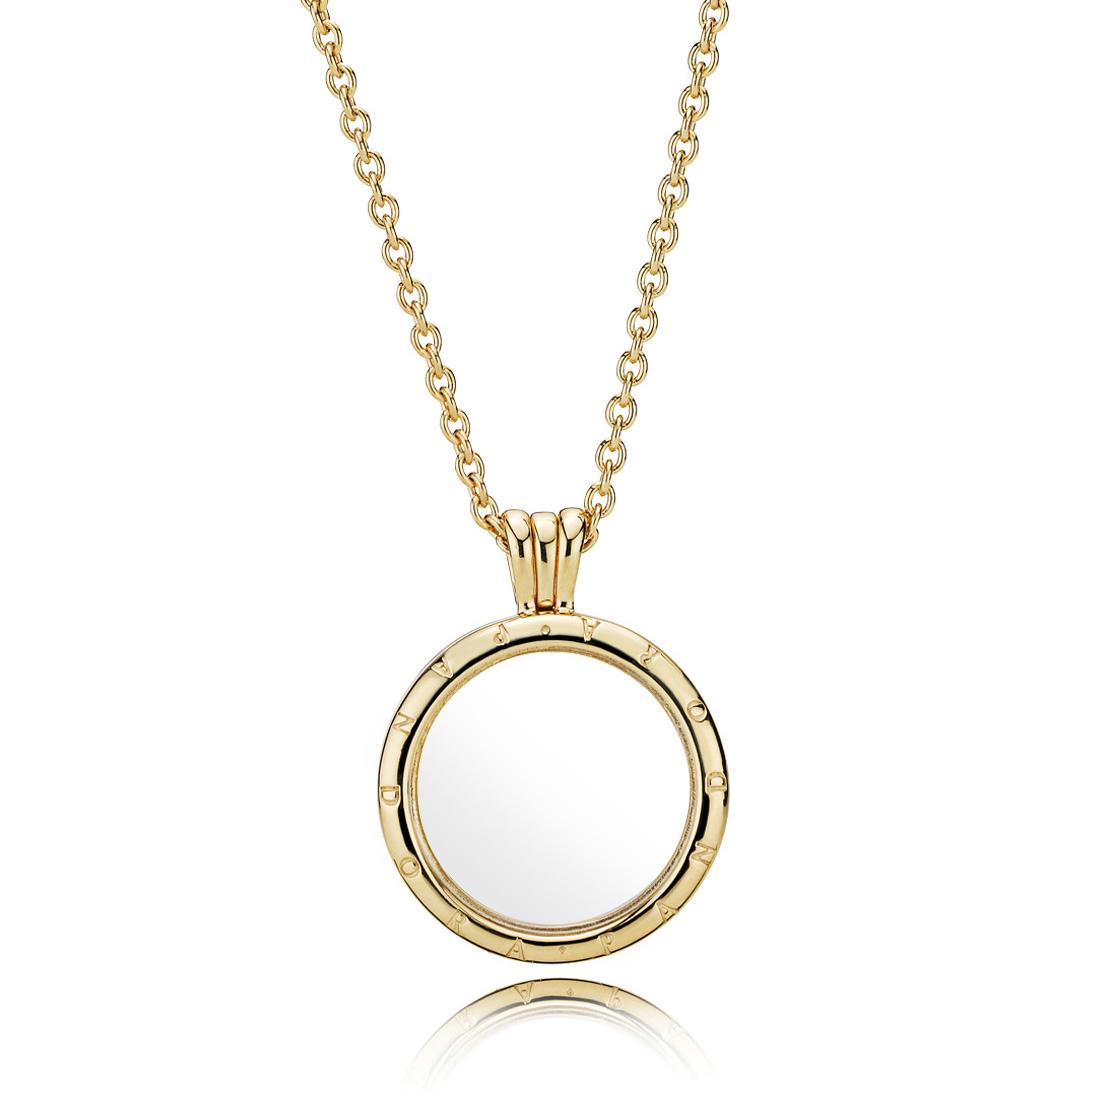 Pandora necklaces pancharmbracelets pandora shine floating locket 360529 aloadofball Choice Image